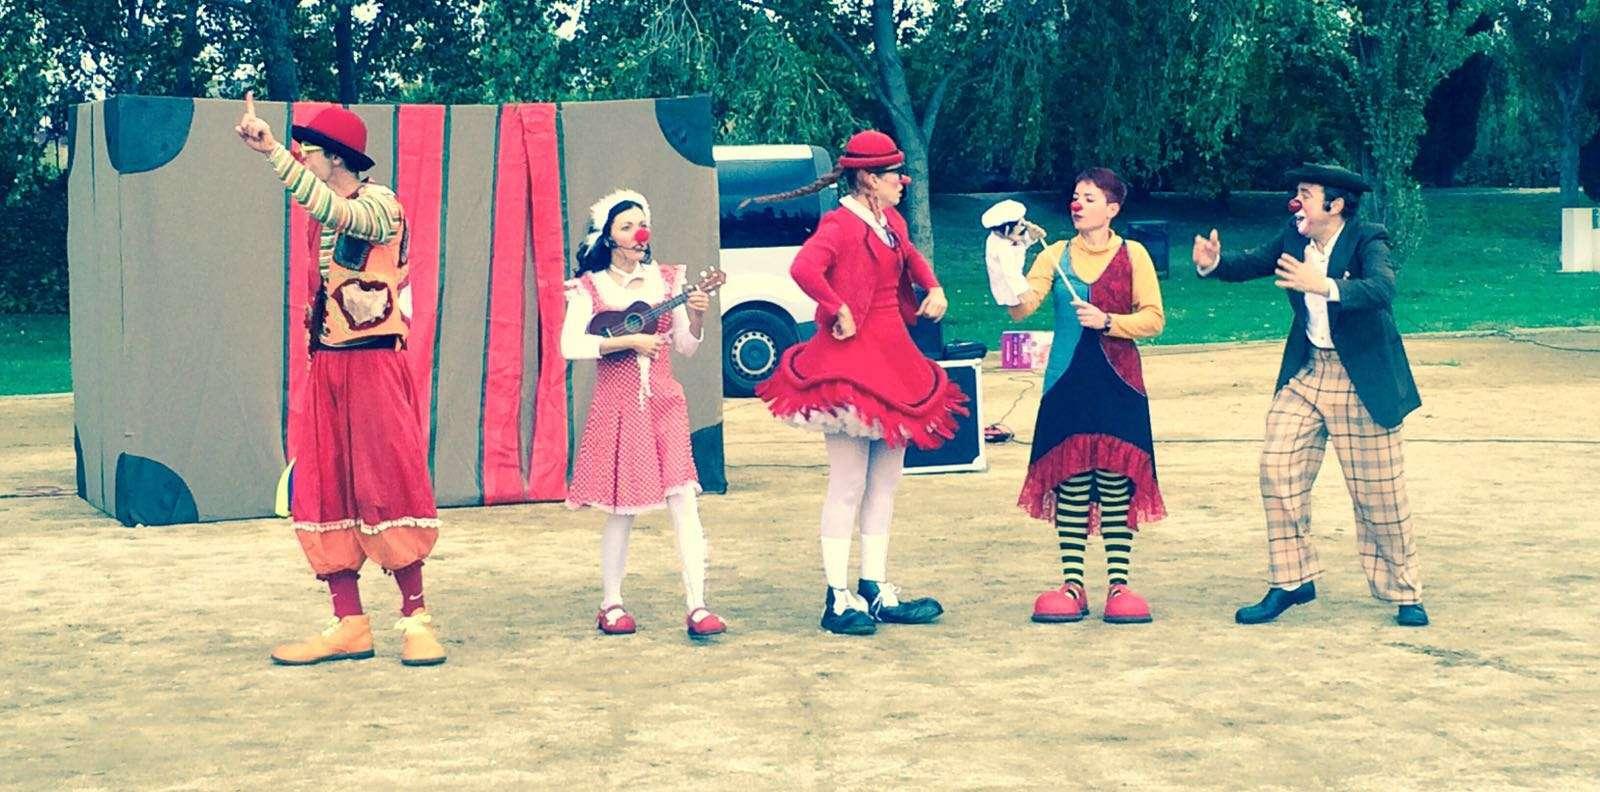 Contractar espectacles infantils per ajuntaments risi for Escoles de disseny d interiors a barcelona